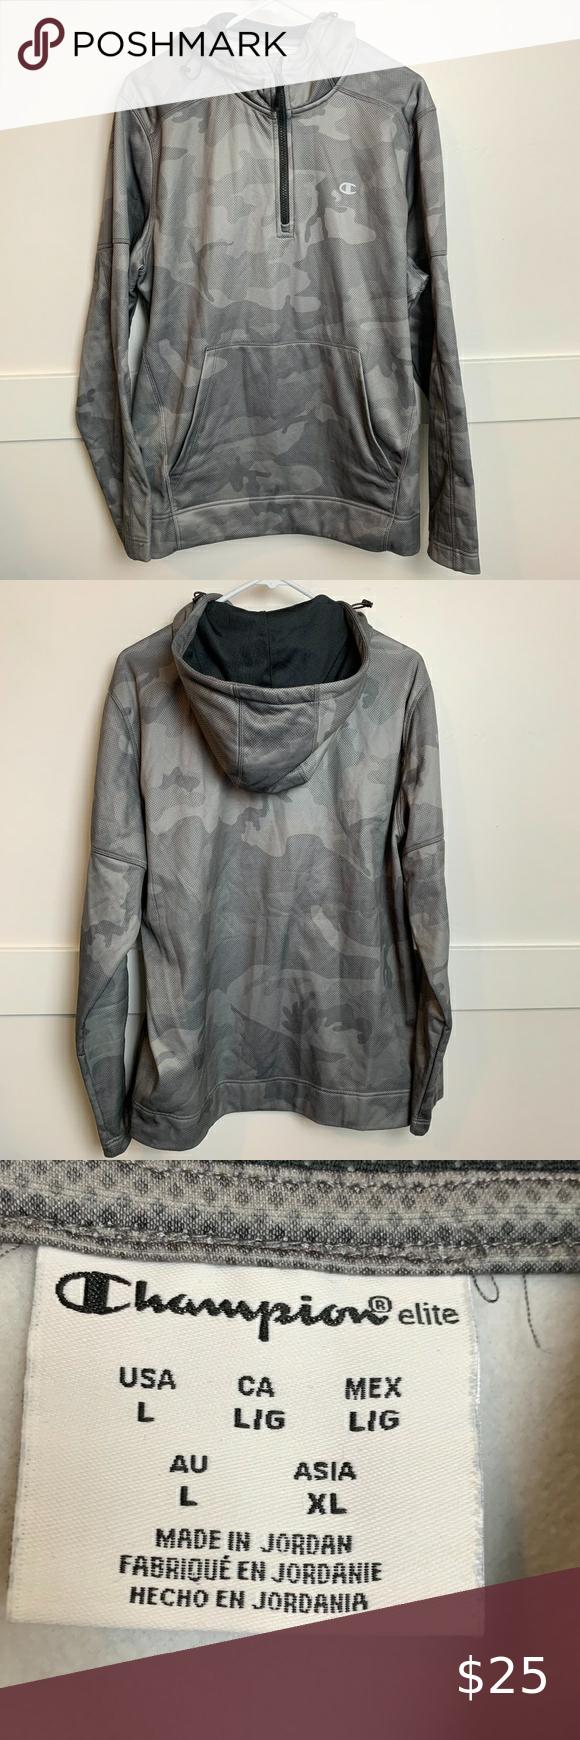 Champion Elite Gray Camo Quarter Zip Hoodie Zip Hoodie Long Sleeve Tshirt Men Clothes Design [ 1740 x 580 Pixel ]